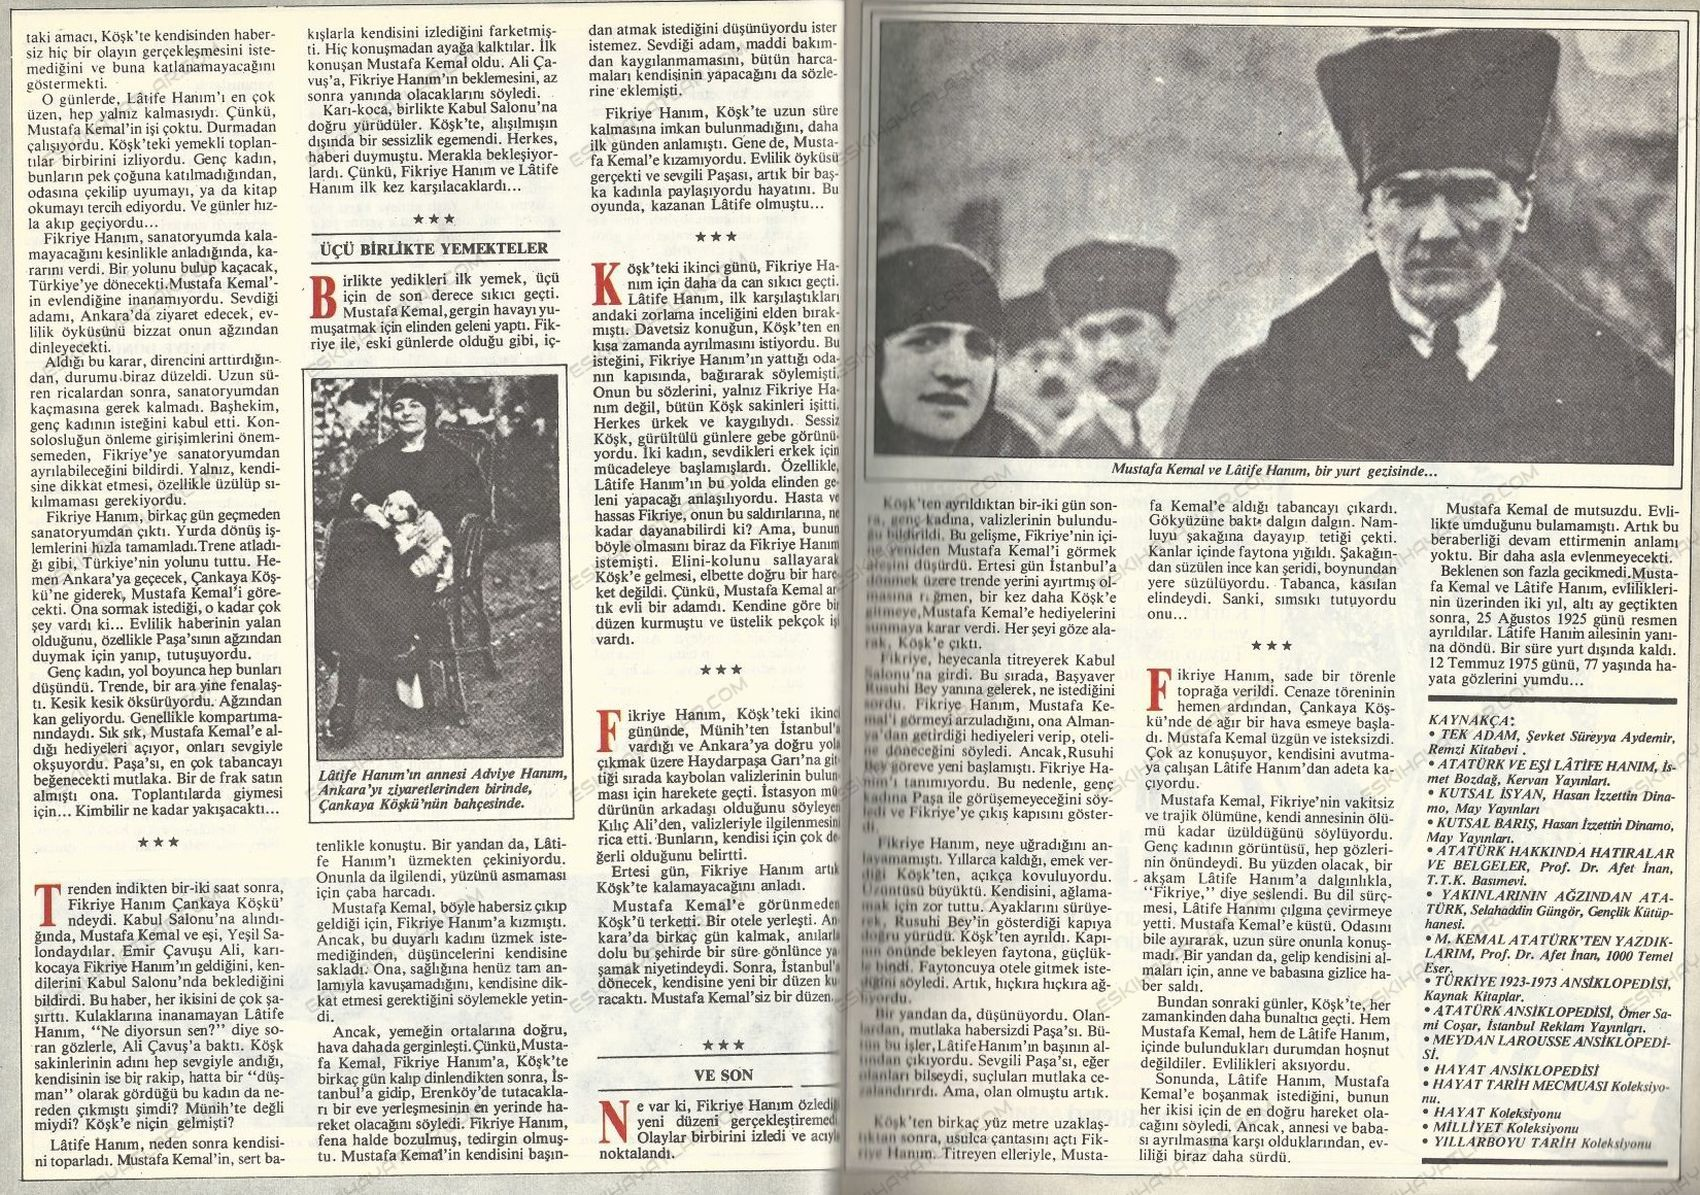 0380-fikriye-hanim-latife-hanim-ve-mustafa-kemal-ataturk-1983-kadinca-dergisi (10)